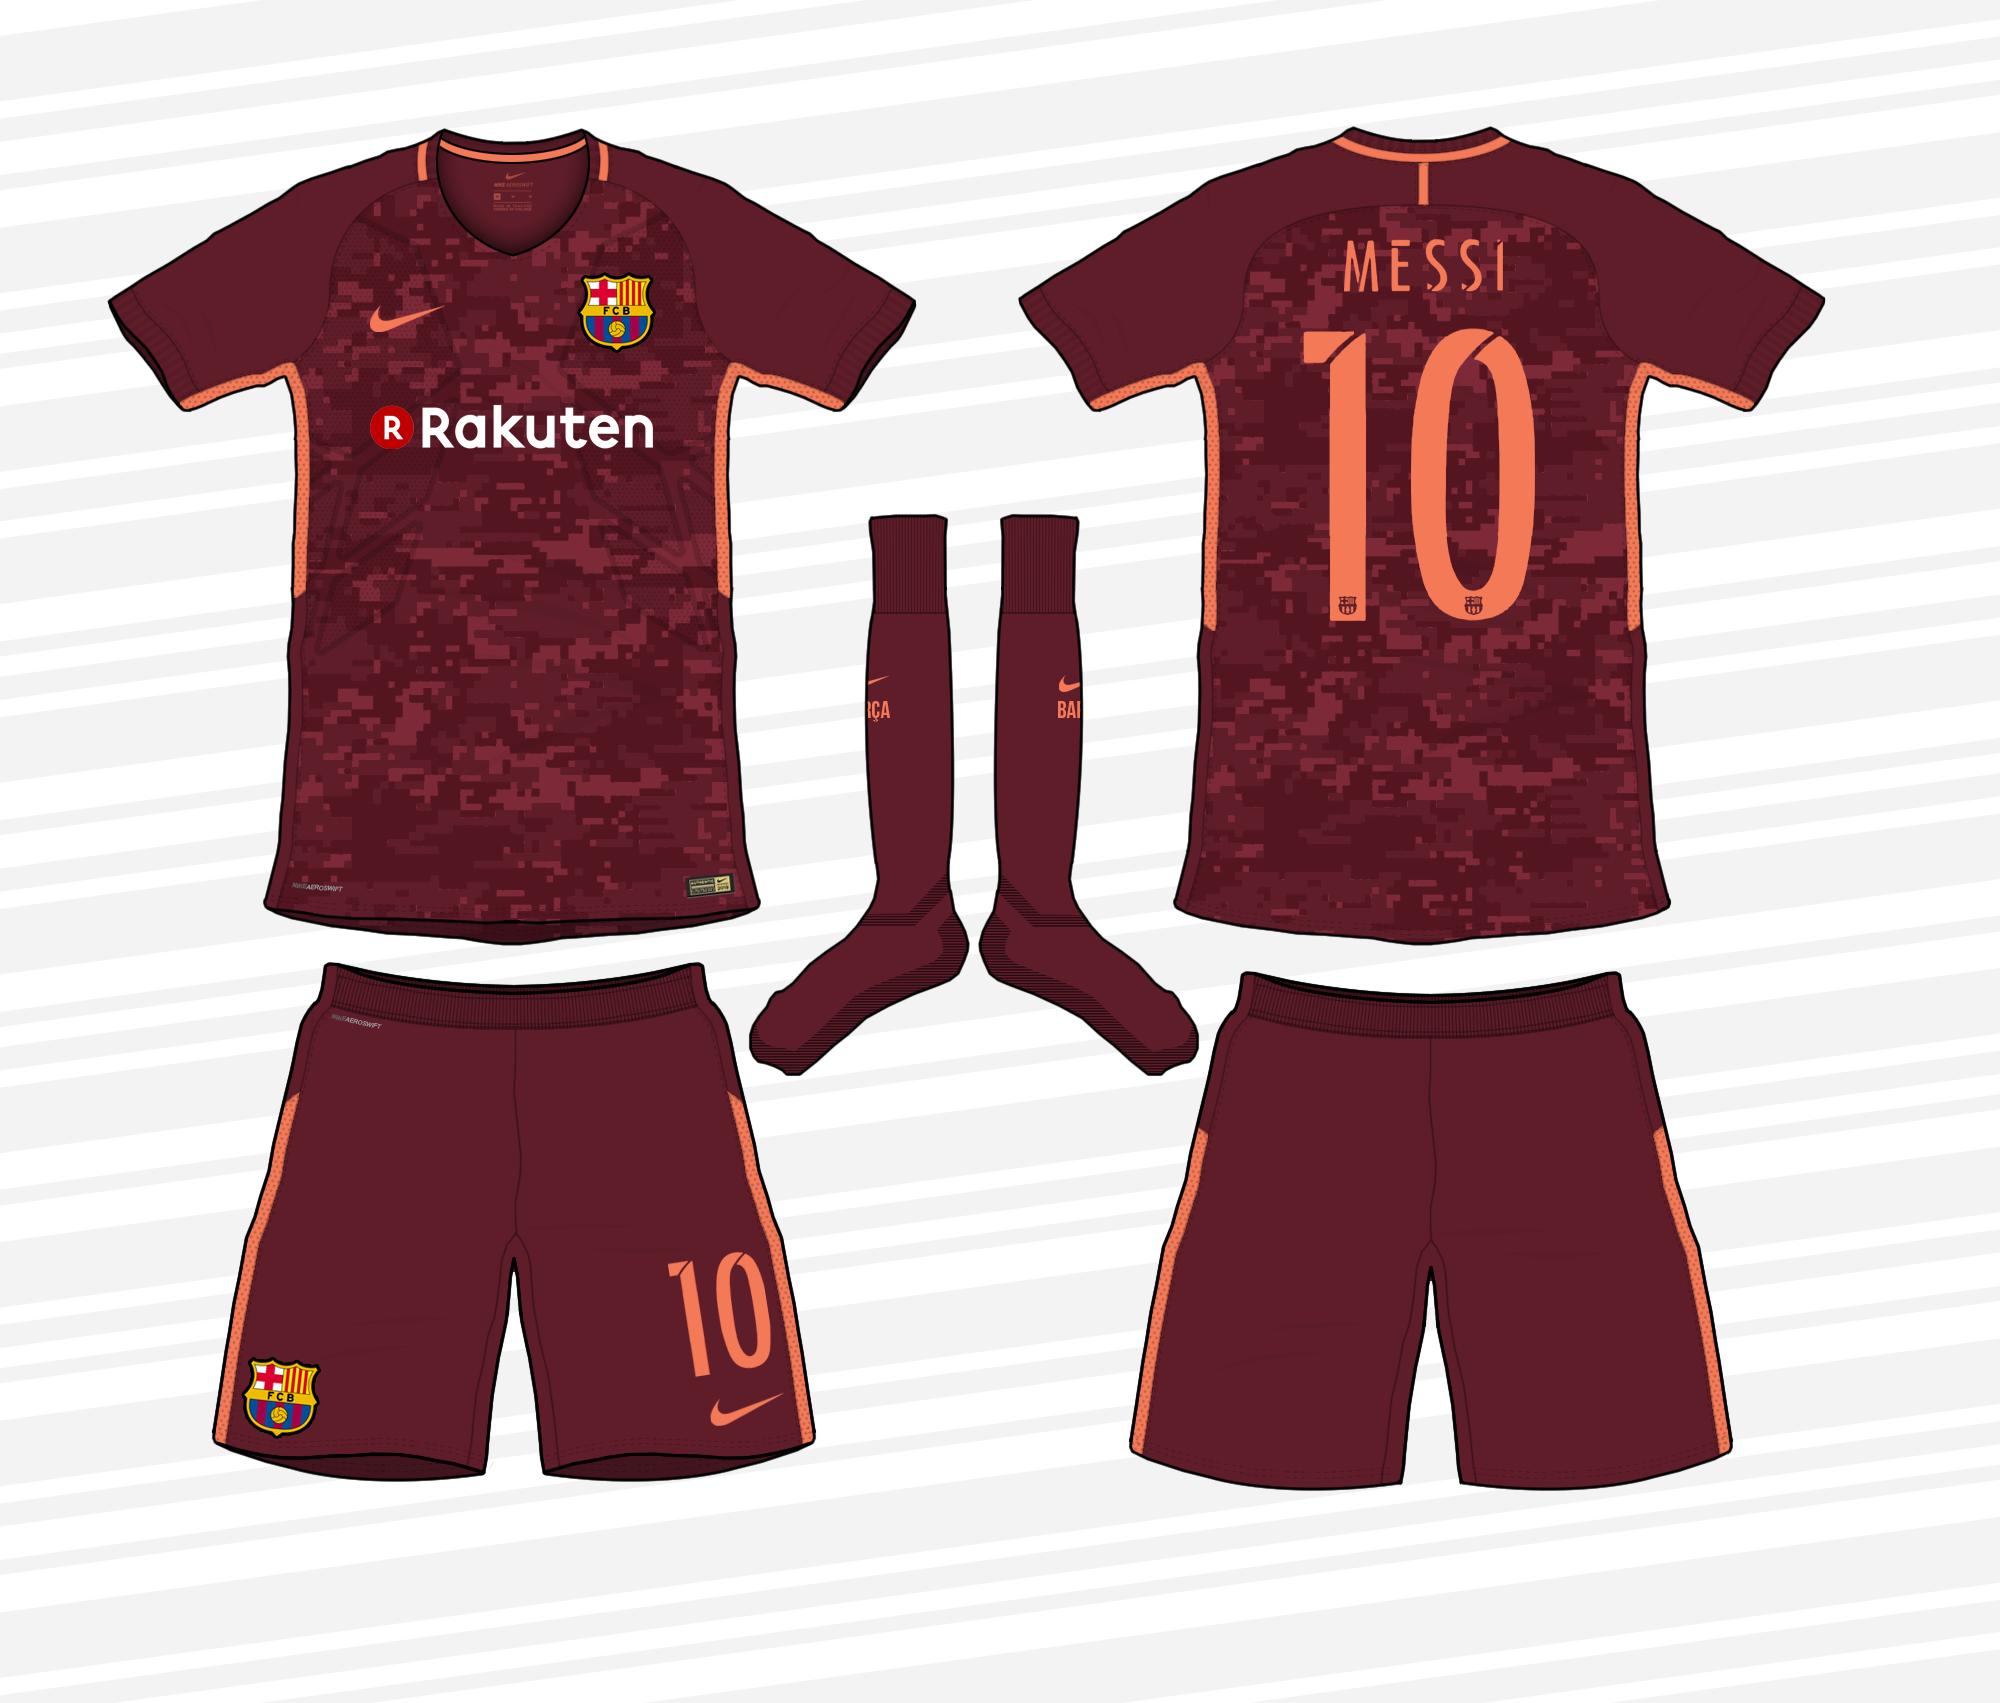 get cheap e9ffd d8bfb Barcelona 2017/18 Third Kit